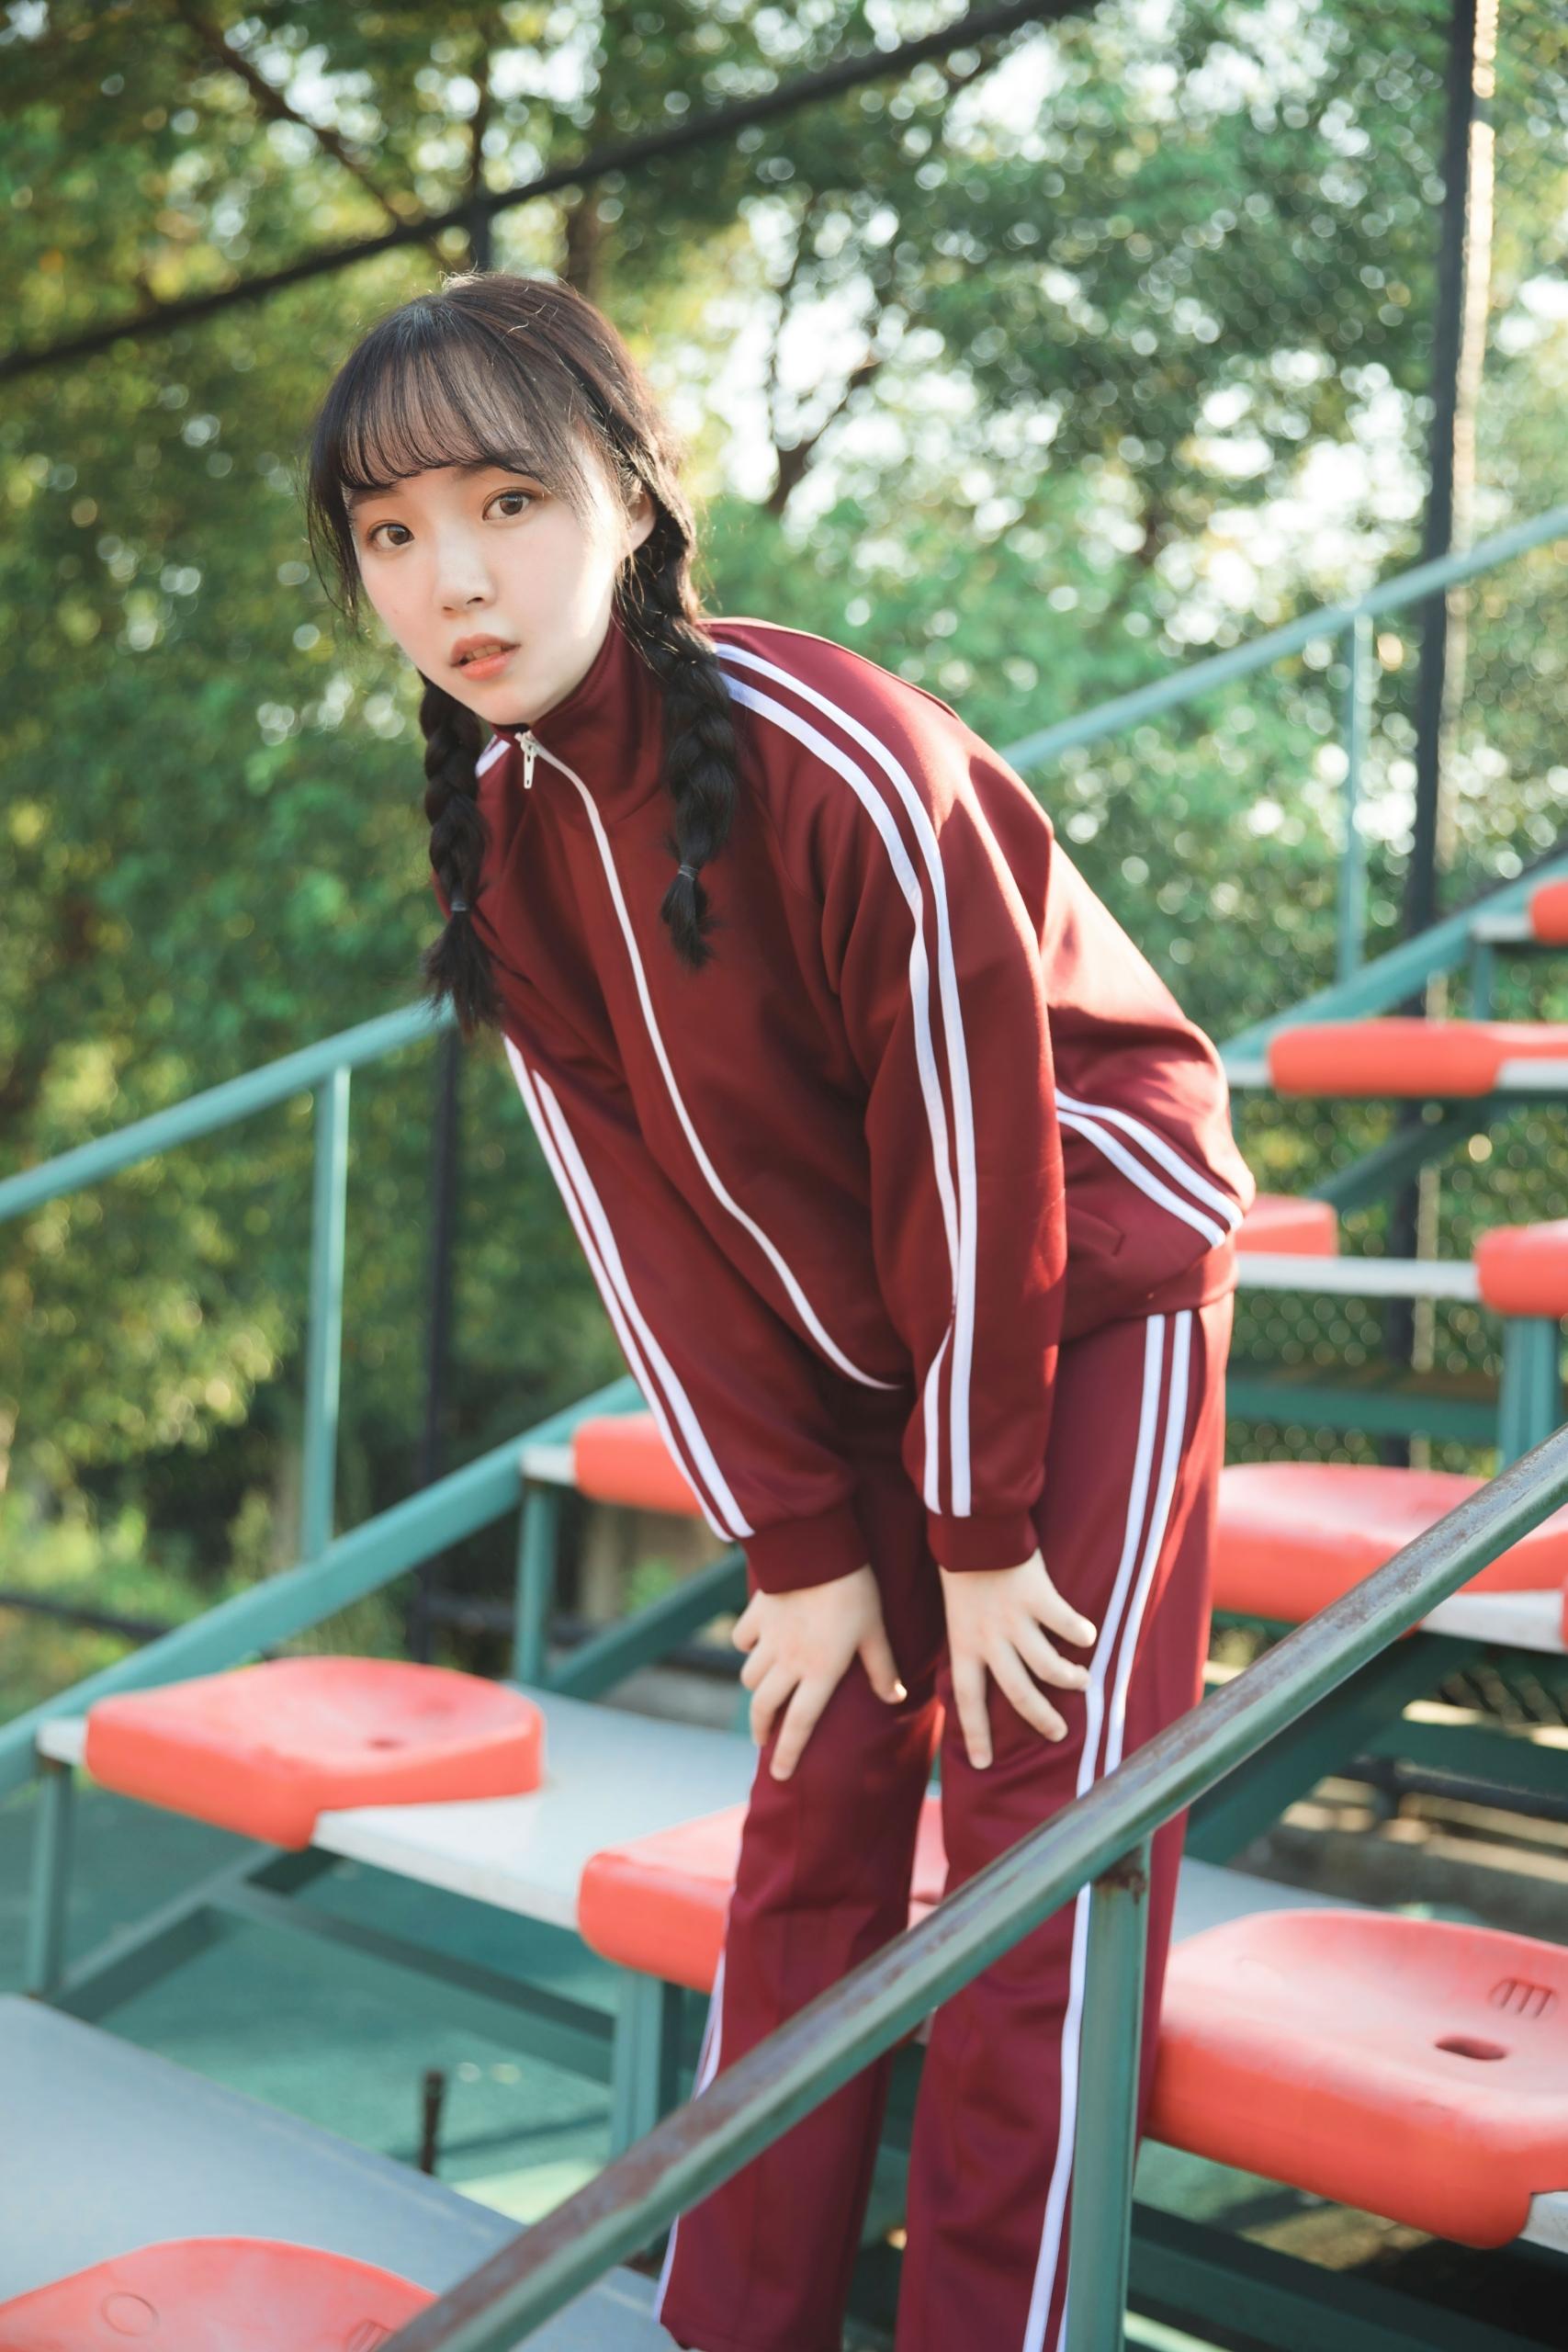 兔家日本学生运动服校园JK班服宽松AKB48红蓝绿长袖长裤秋冬套装